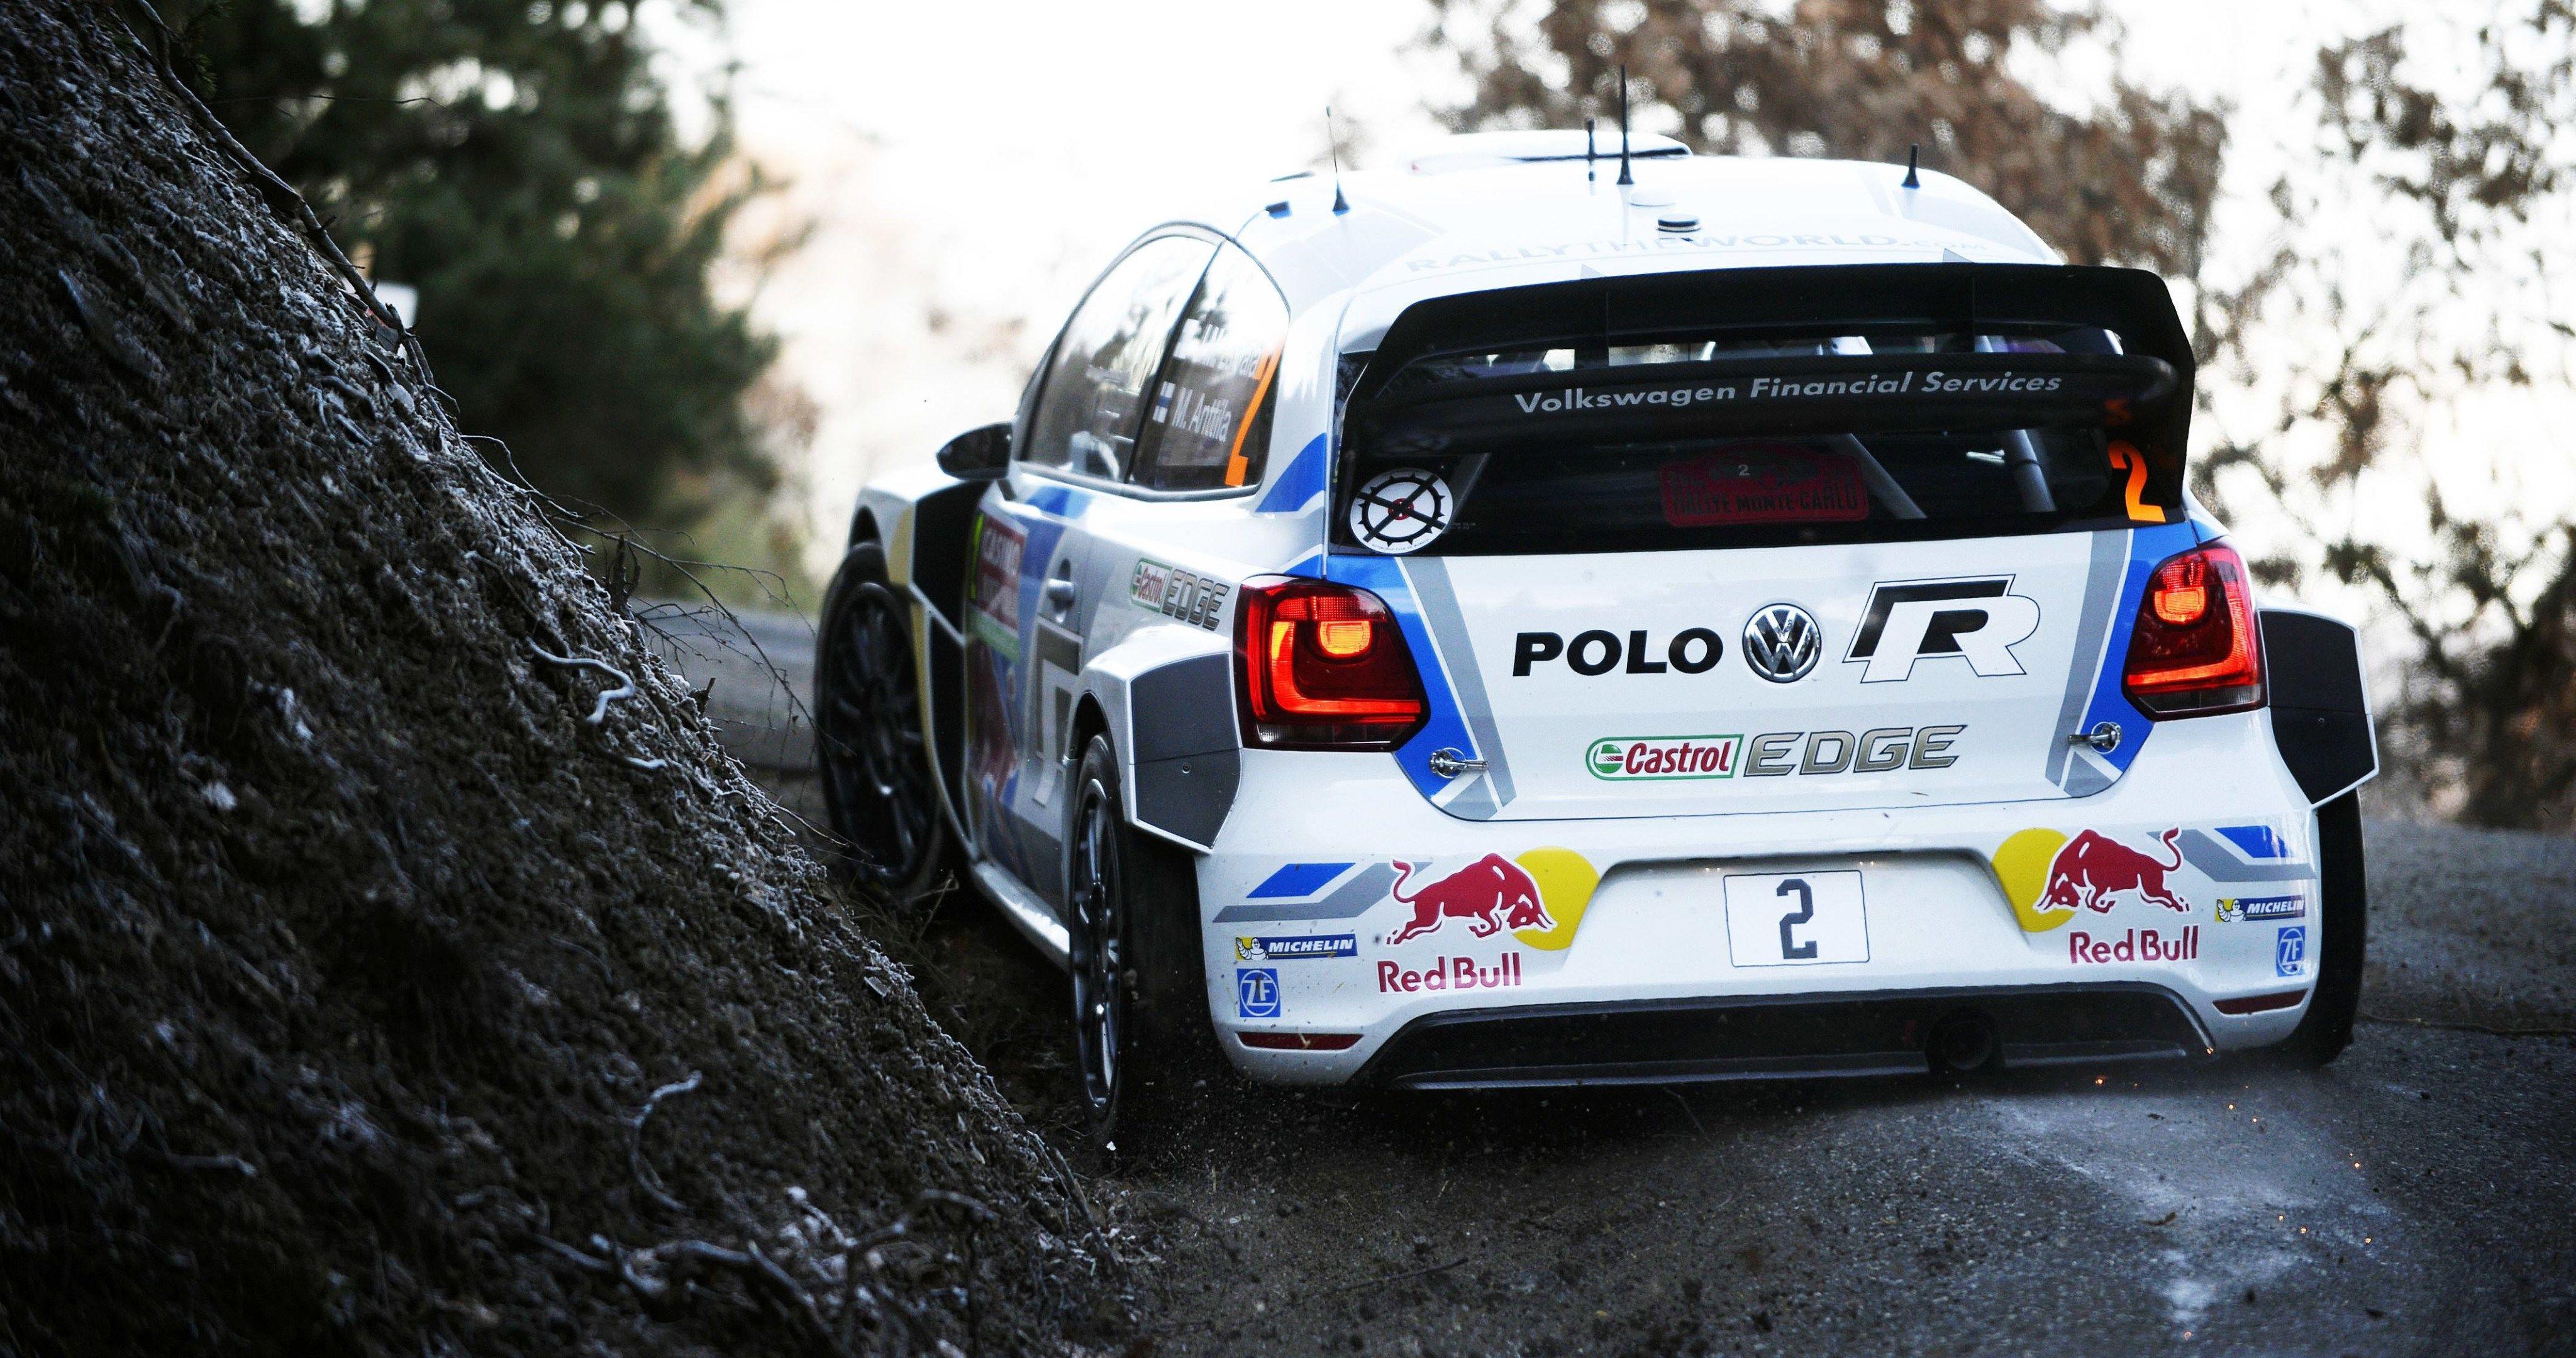 volkswagen polo wrc rally 4k ultra hd wallpaper